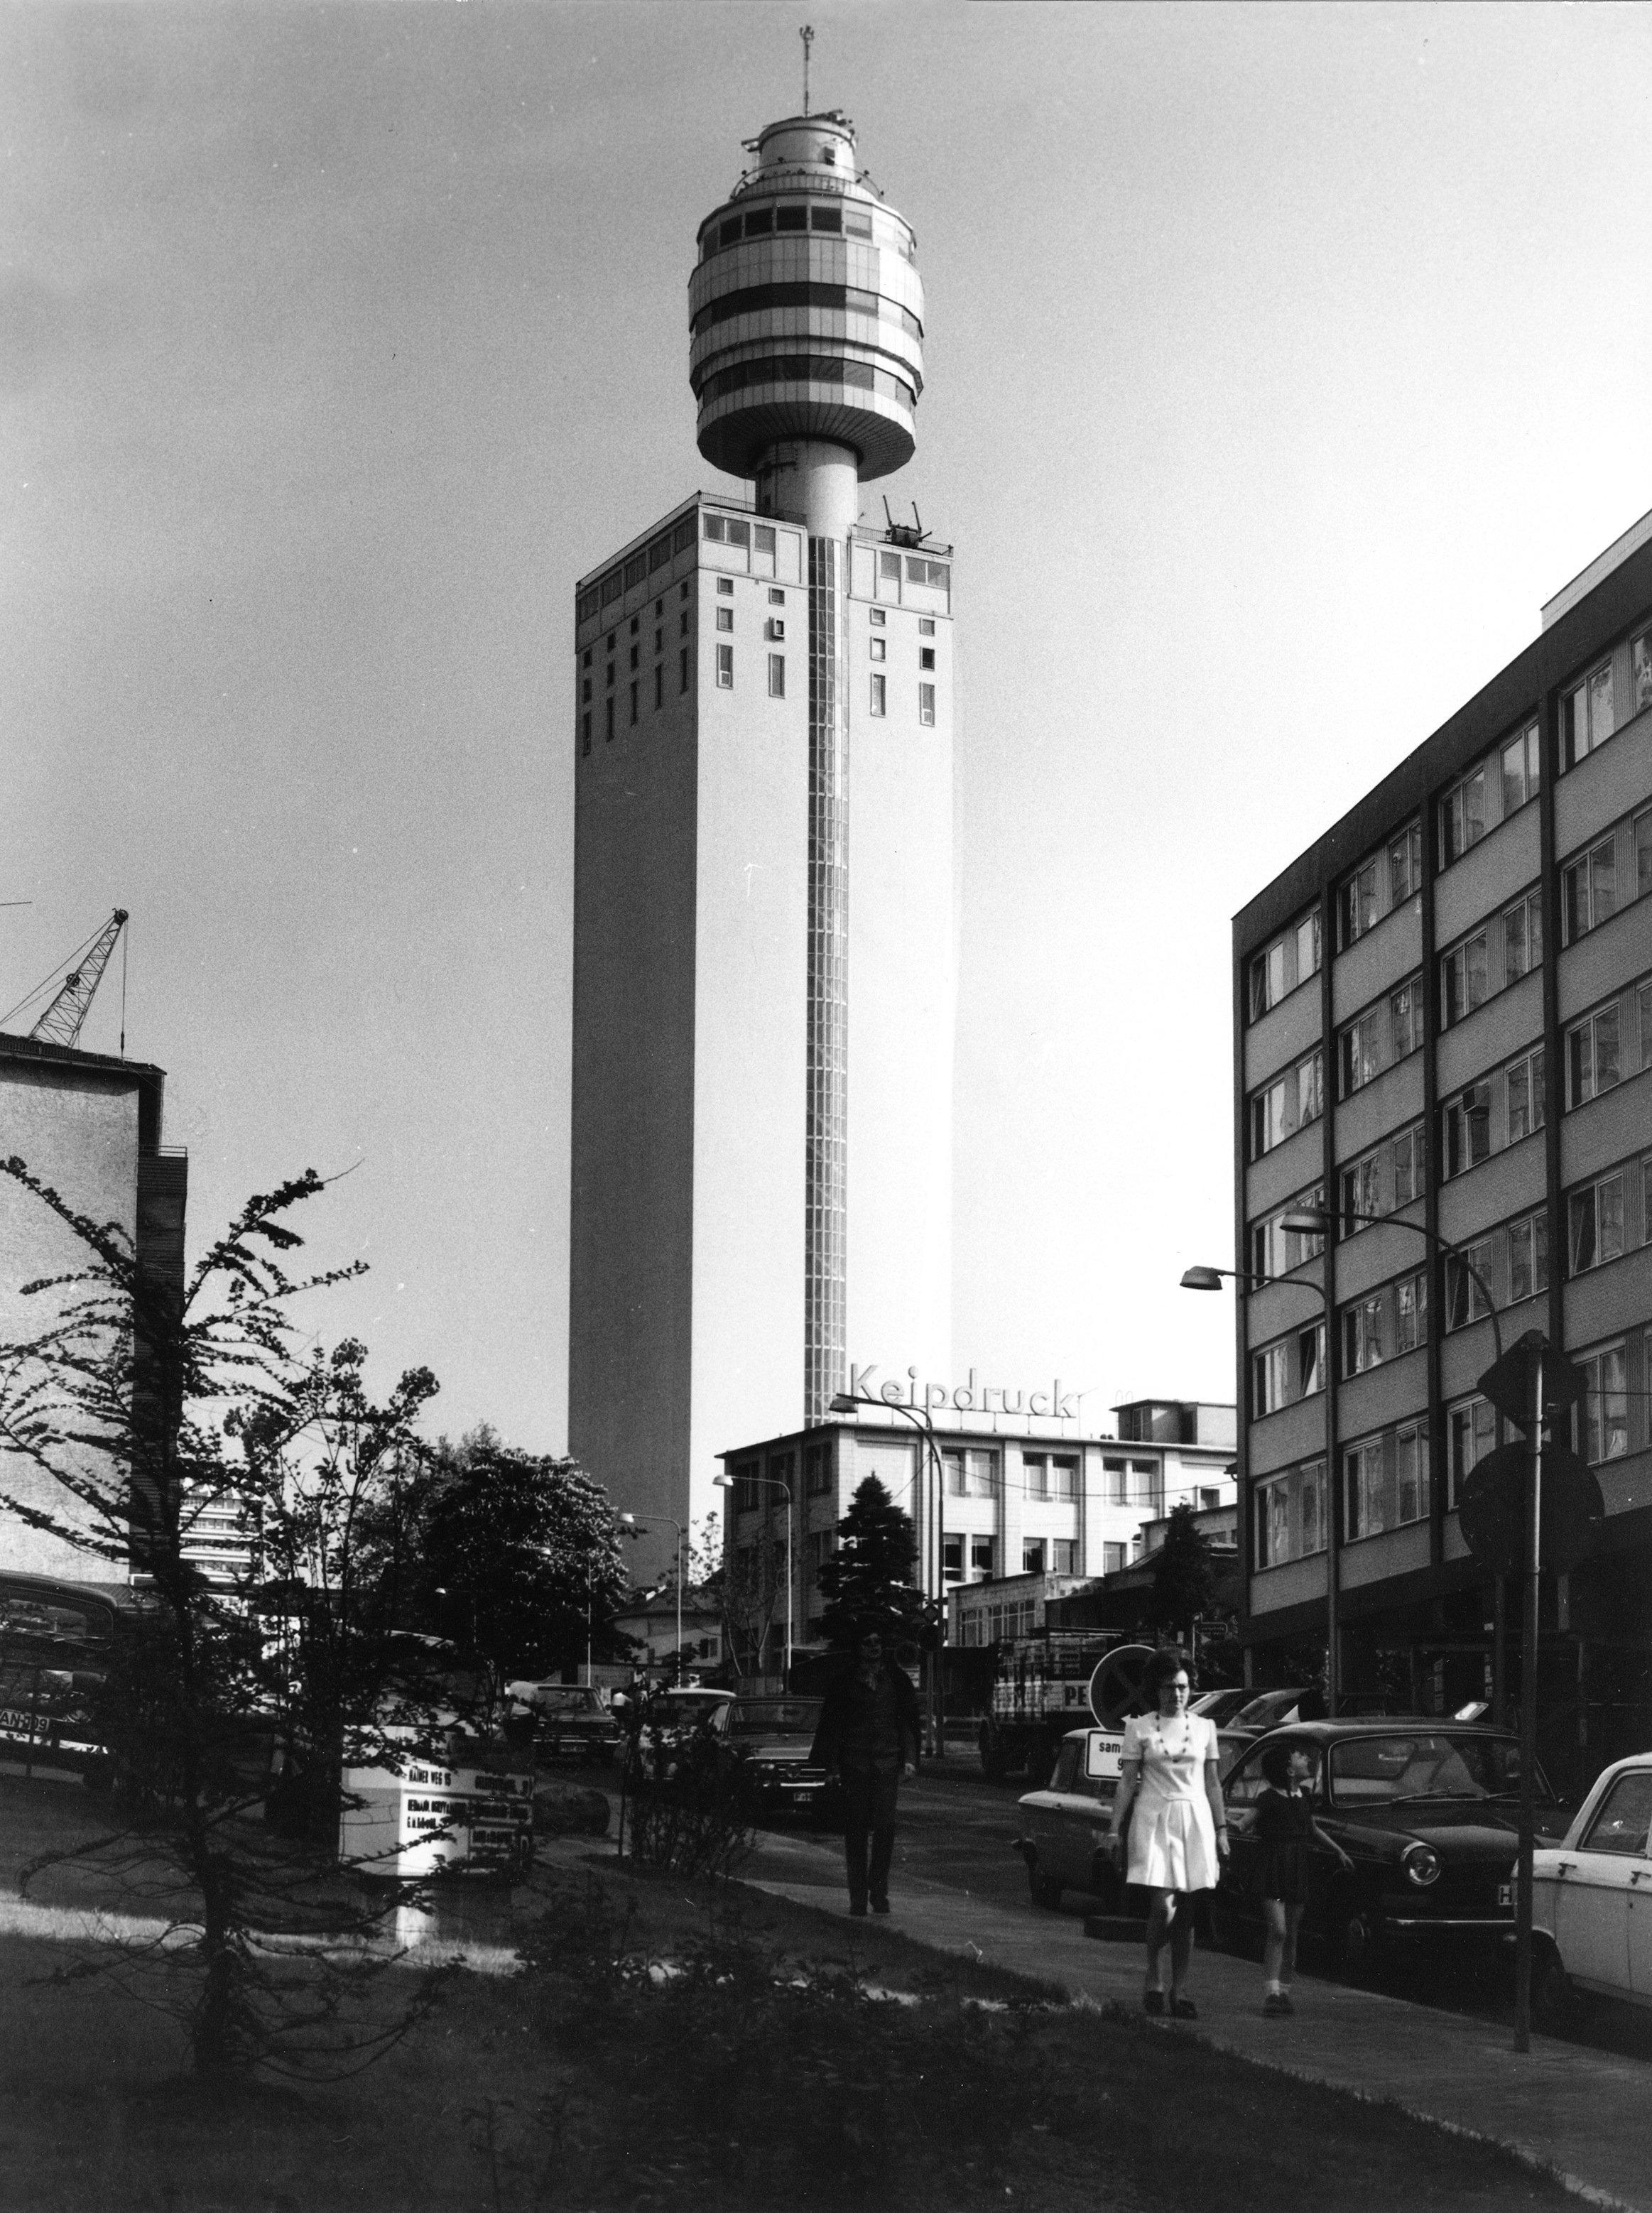 Der Henninger Turm der gleichnamigen Brauerei im Jahr 1972: Heute ist der Turm ein begehrter Wohnort.